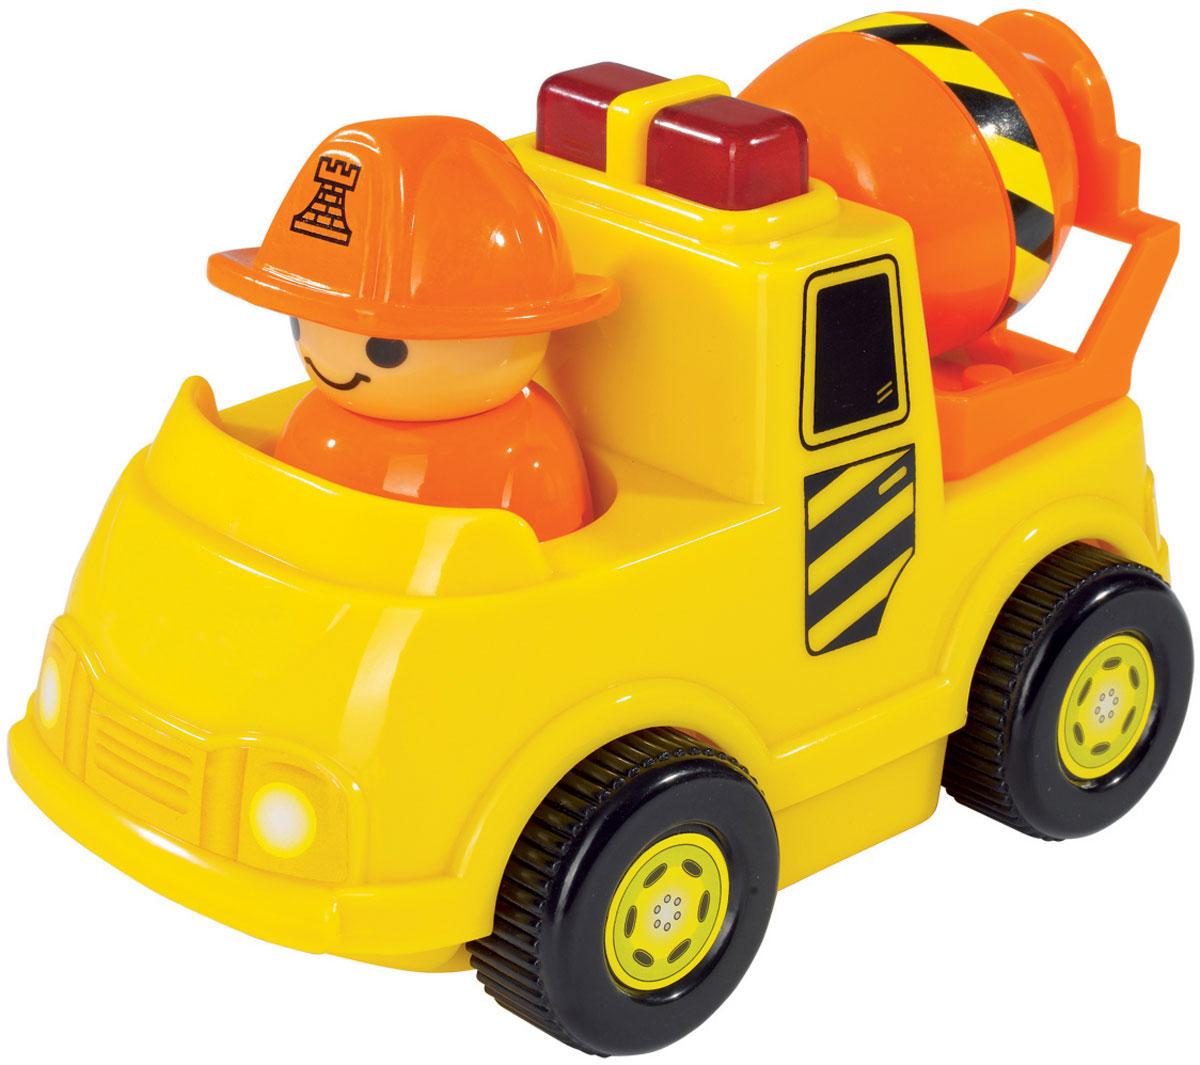 Simba Мини-машинка цвет цвет желтый4019623_желтыйМини-машинка Simba обязательно придется по душе вашему малышу. Игрушка представлена в виде яркой бетономешалки с человечком в оранжевой каске. Машинка не имеет острых углов и мелких деталей и идеально подходит для детей от 12 месяцев. При нажатии на мигалку машины срабатывают звуковые и световые эффекты, а при движении фигурка человечка начинает покачиваться из стороны в сторону. Такая игрушка способствует развитию у малыша тактильных ощущений, мелкой моторики рук и координации движений. Рекомендуется докупить 2 батарейки напряжением 1,5V типа АА (товар комплектуется демонстрационными).